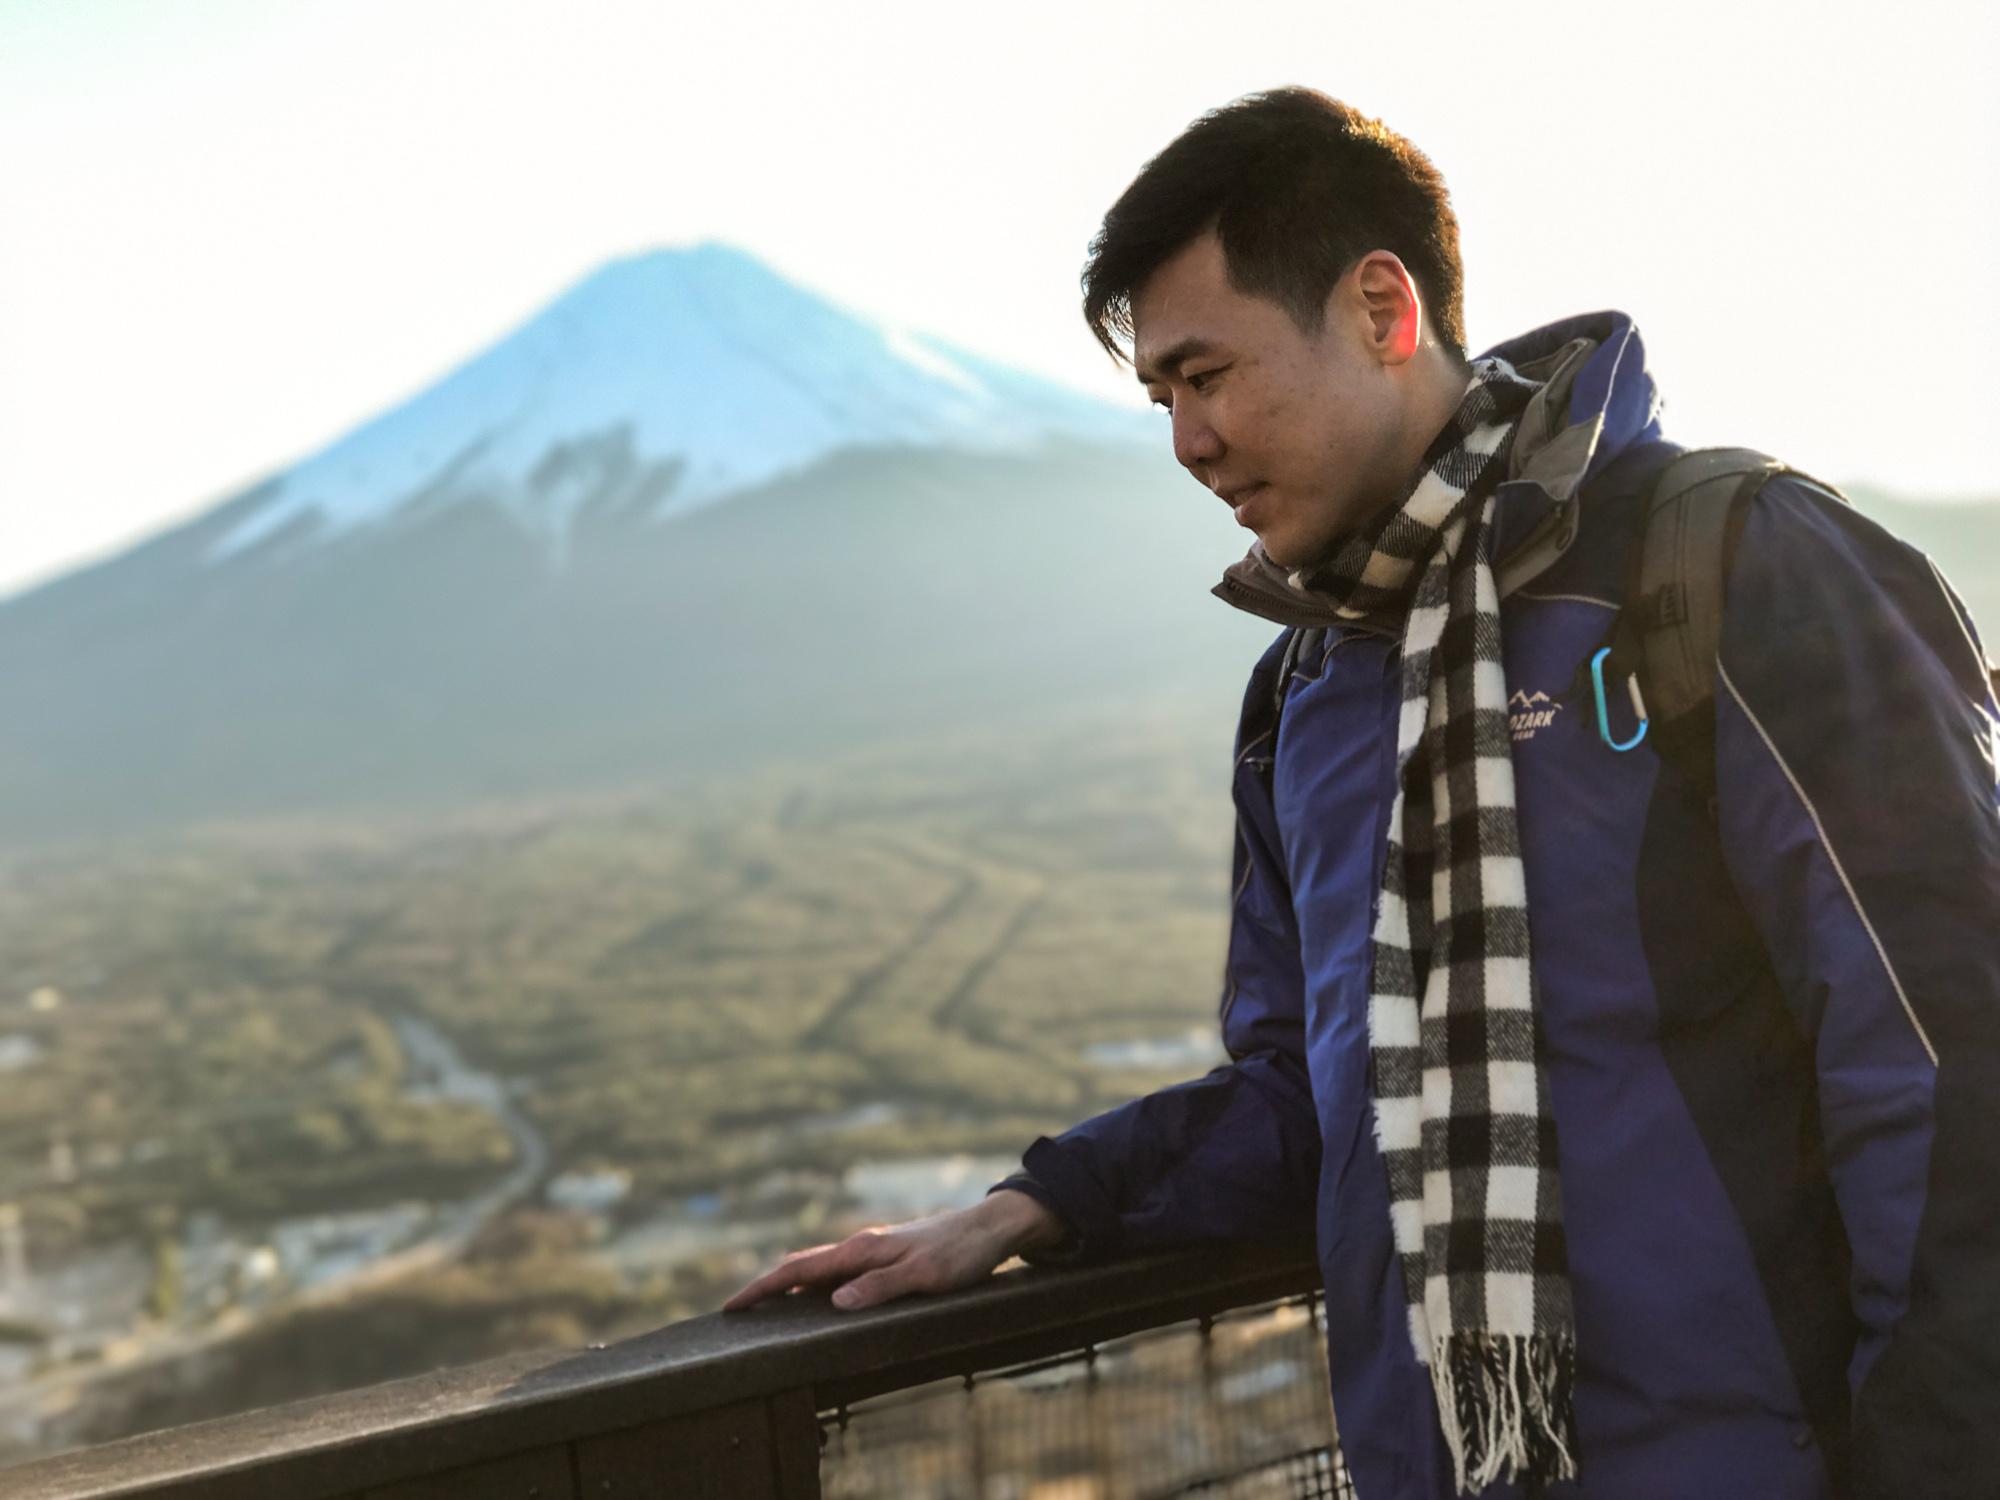 Yokoso Japan: Mt Kachi Kachi Ropeway at Kawaguchiko